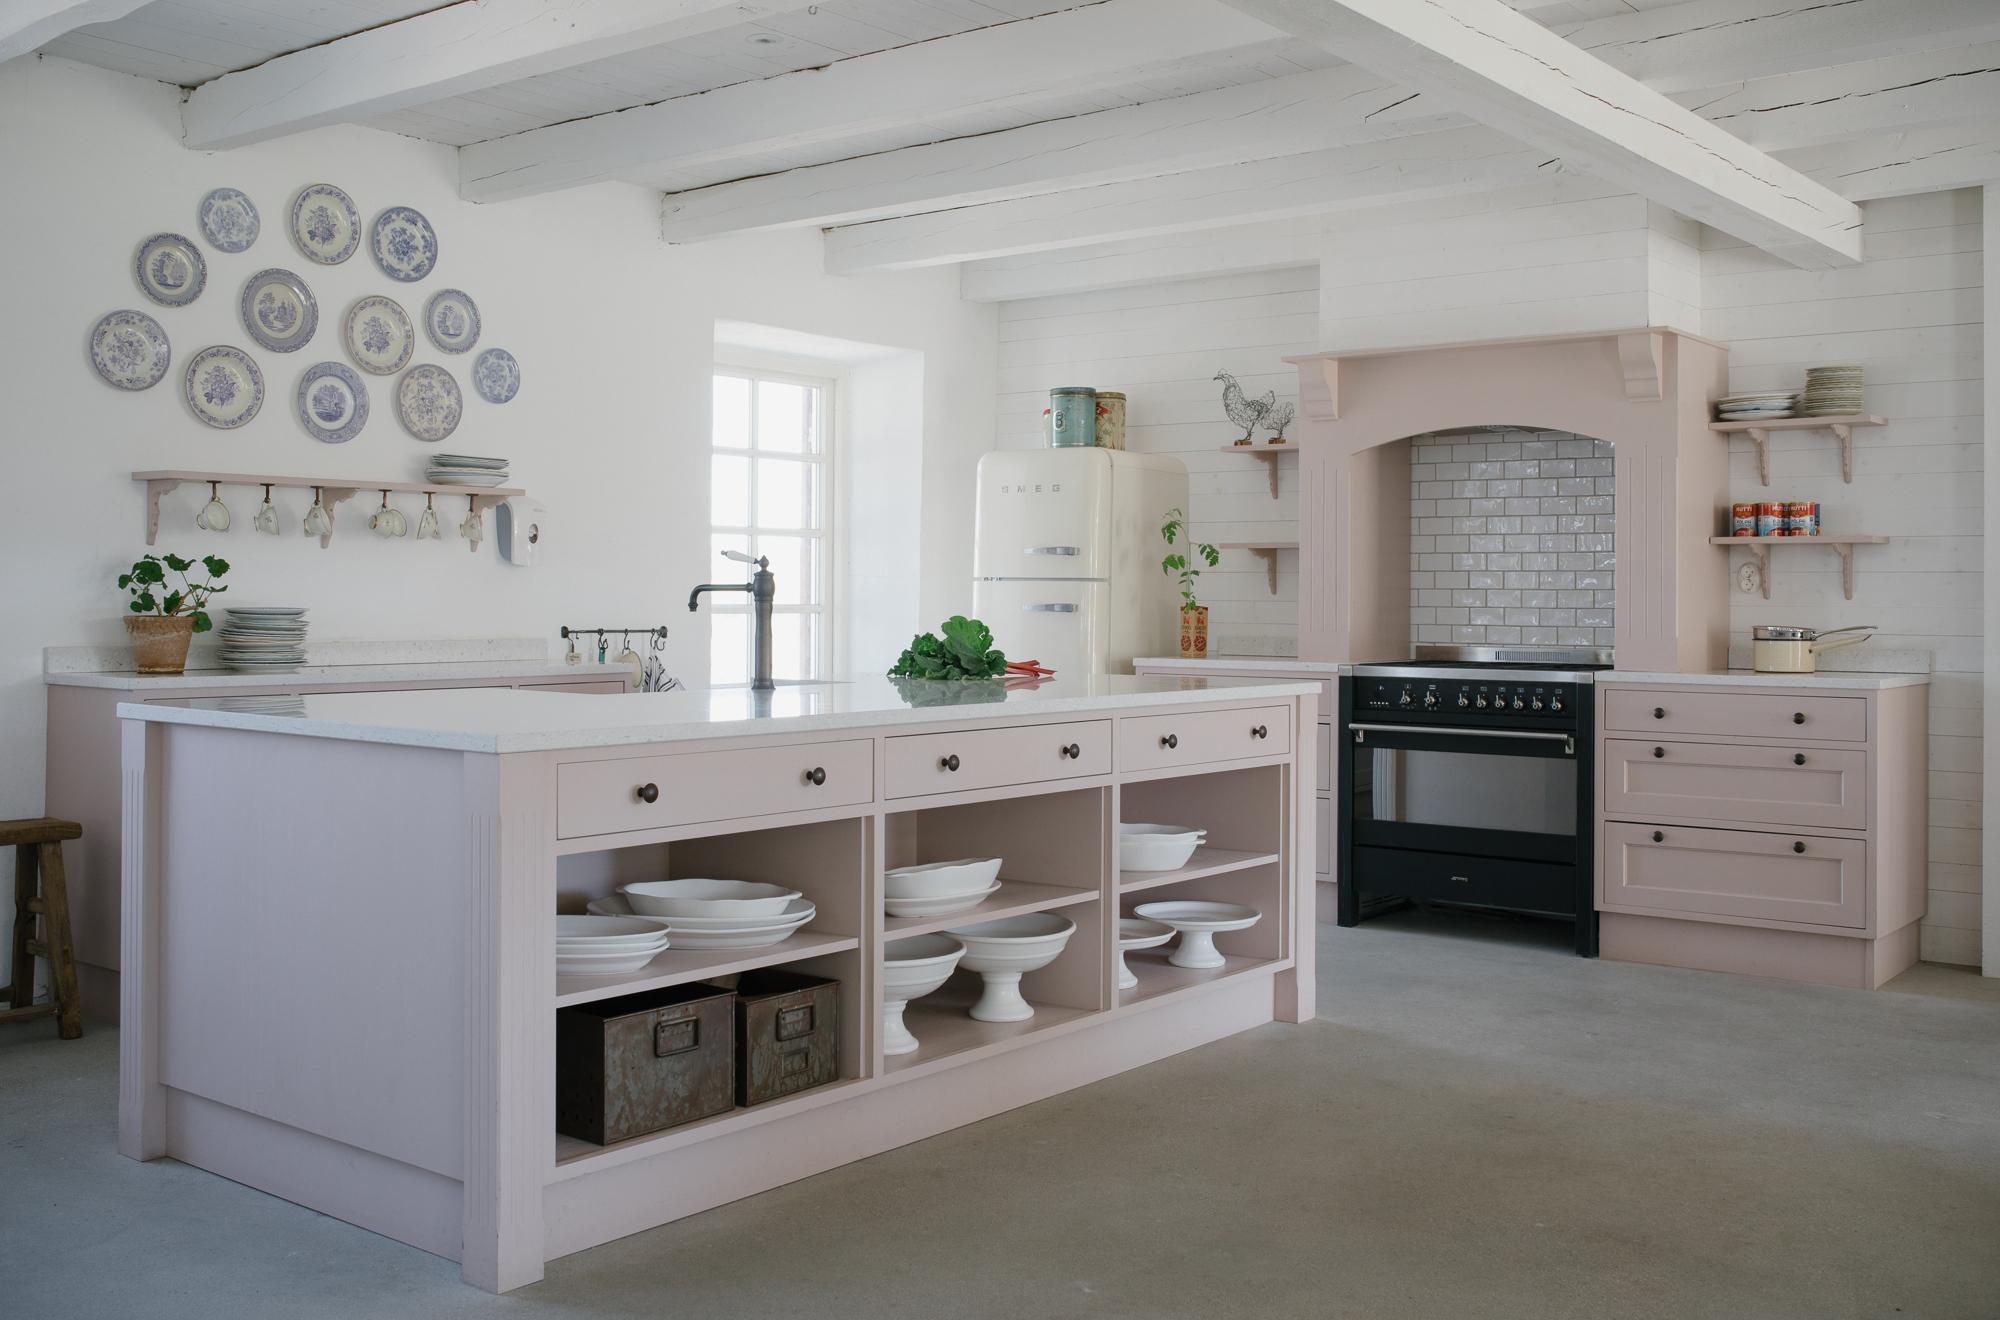 ett rosa kök, visby kök, kök gotland